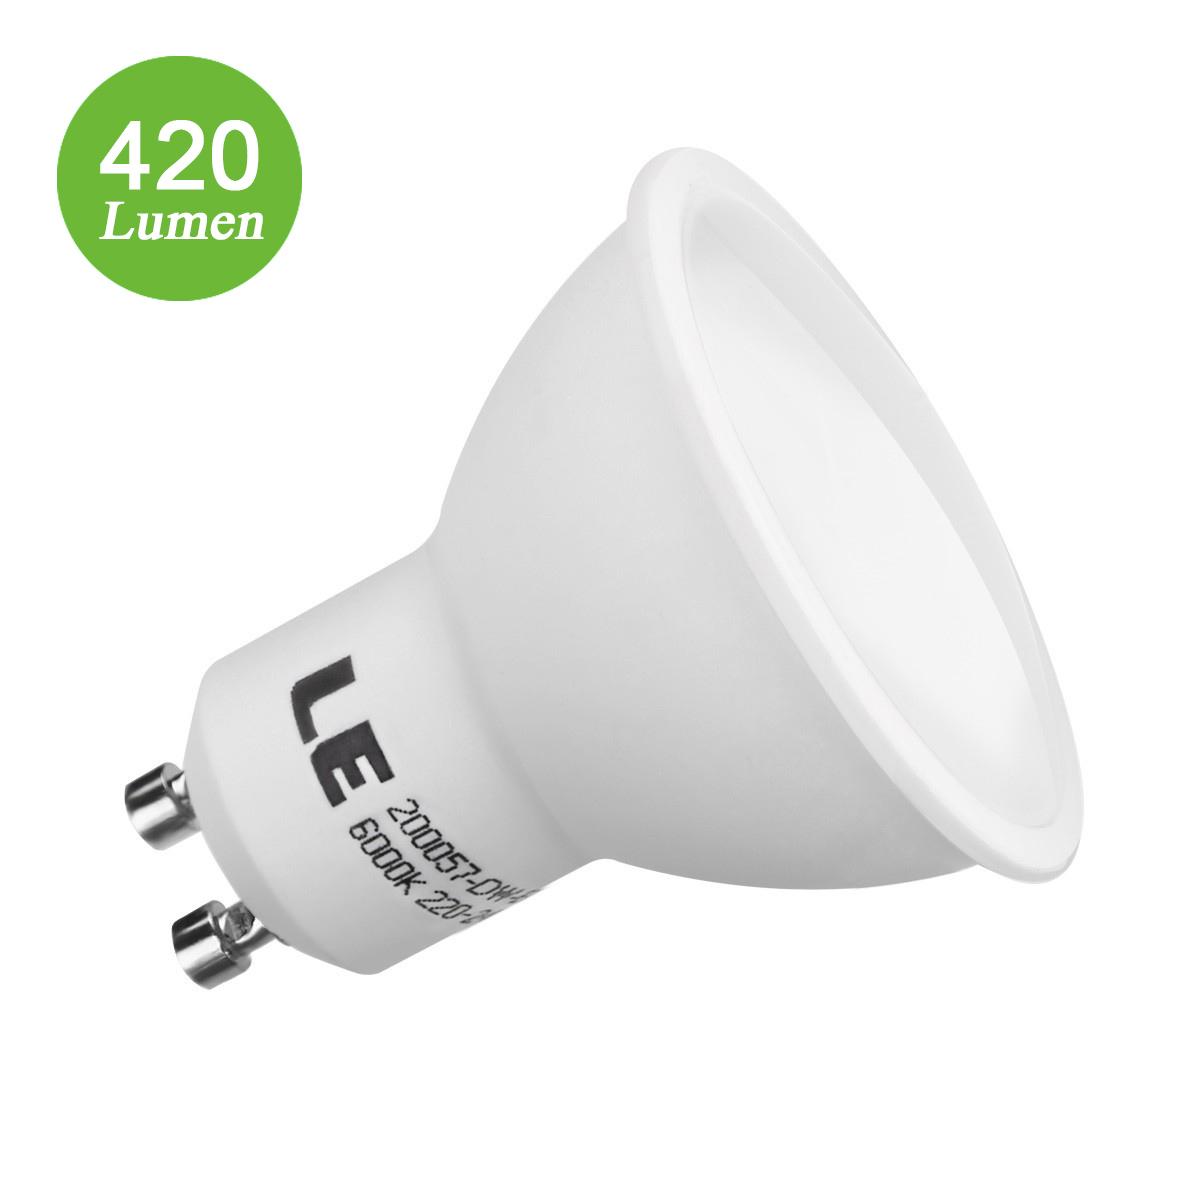 5W GU10 Fassung, 420lm MR16 LED Strahler, Ersatz für 60W Halogenlampe, Kaltweiß